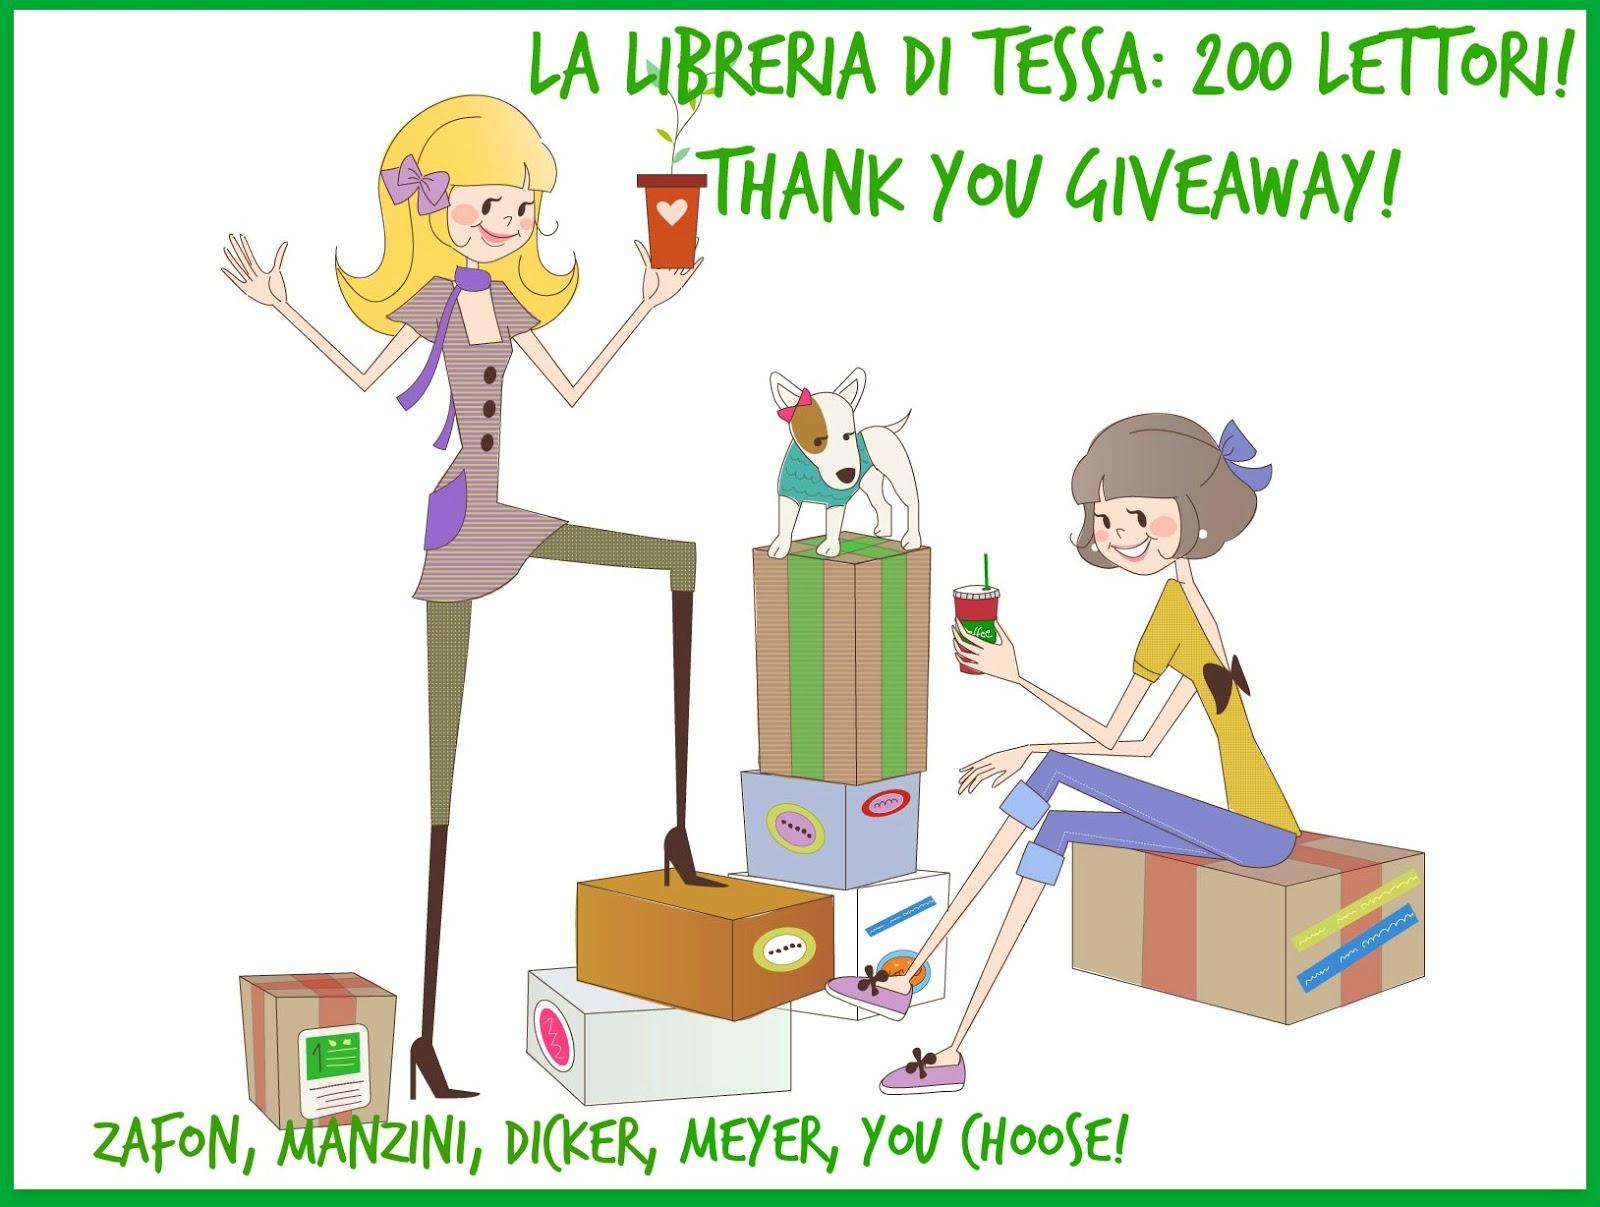 Partecipo al giveaway del blog La Libreria di Tessa